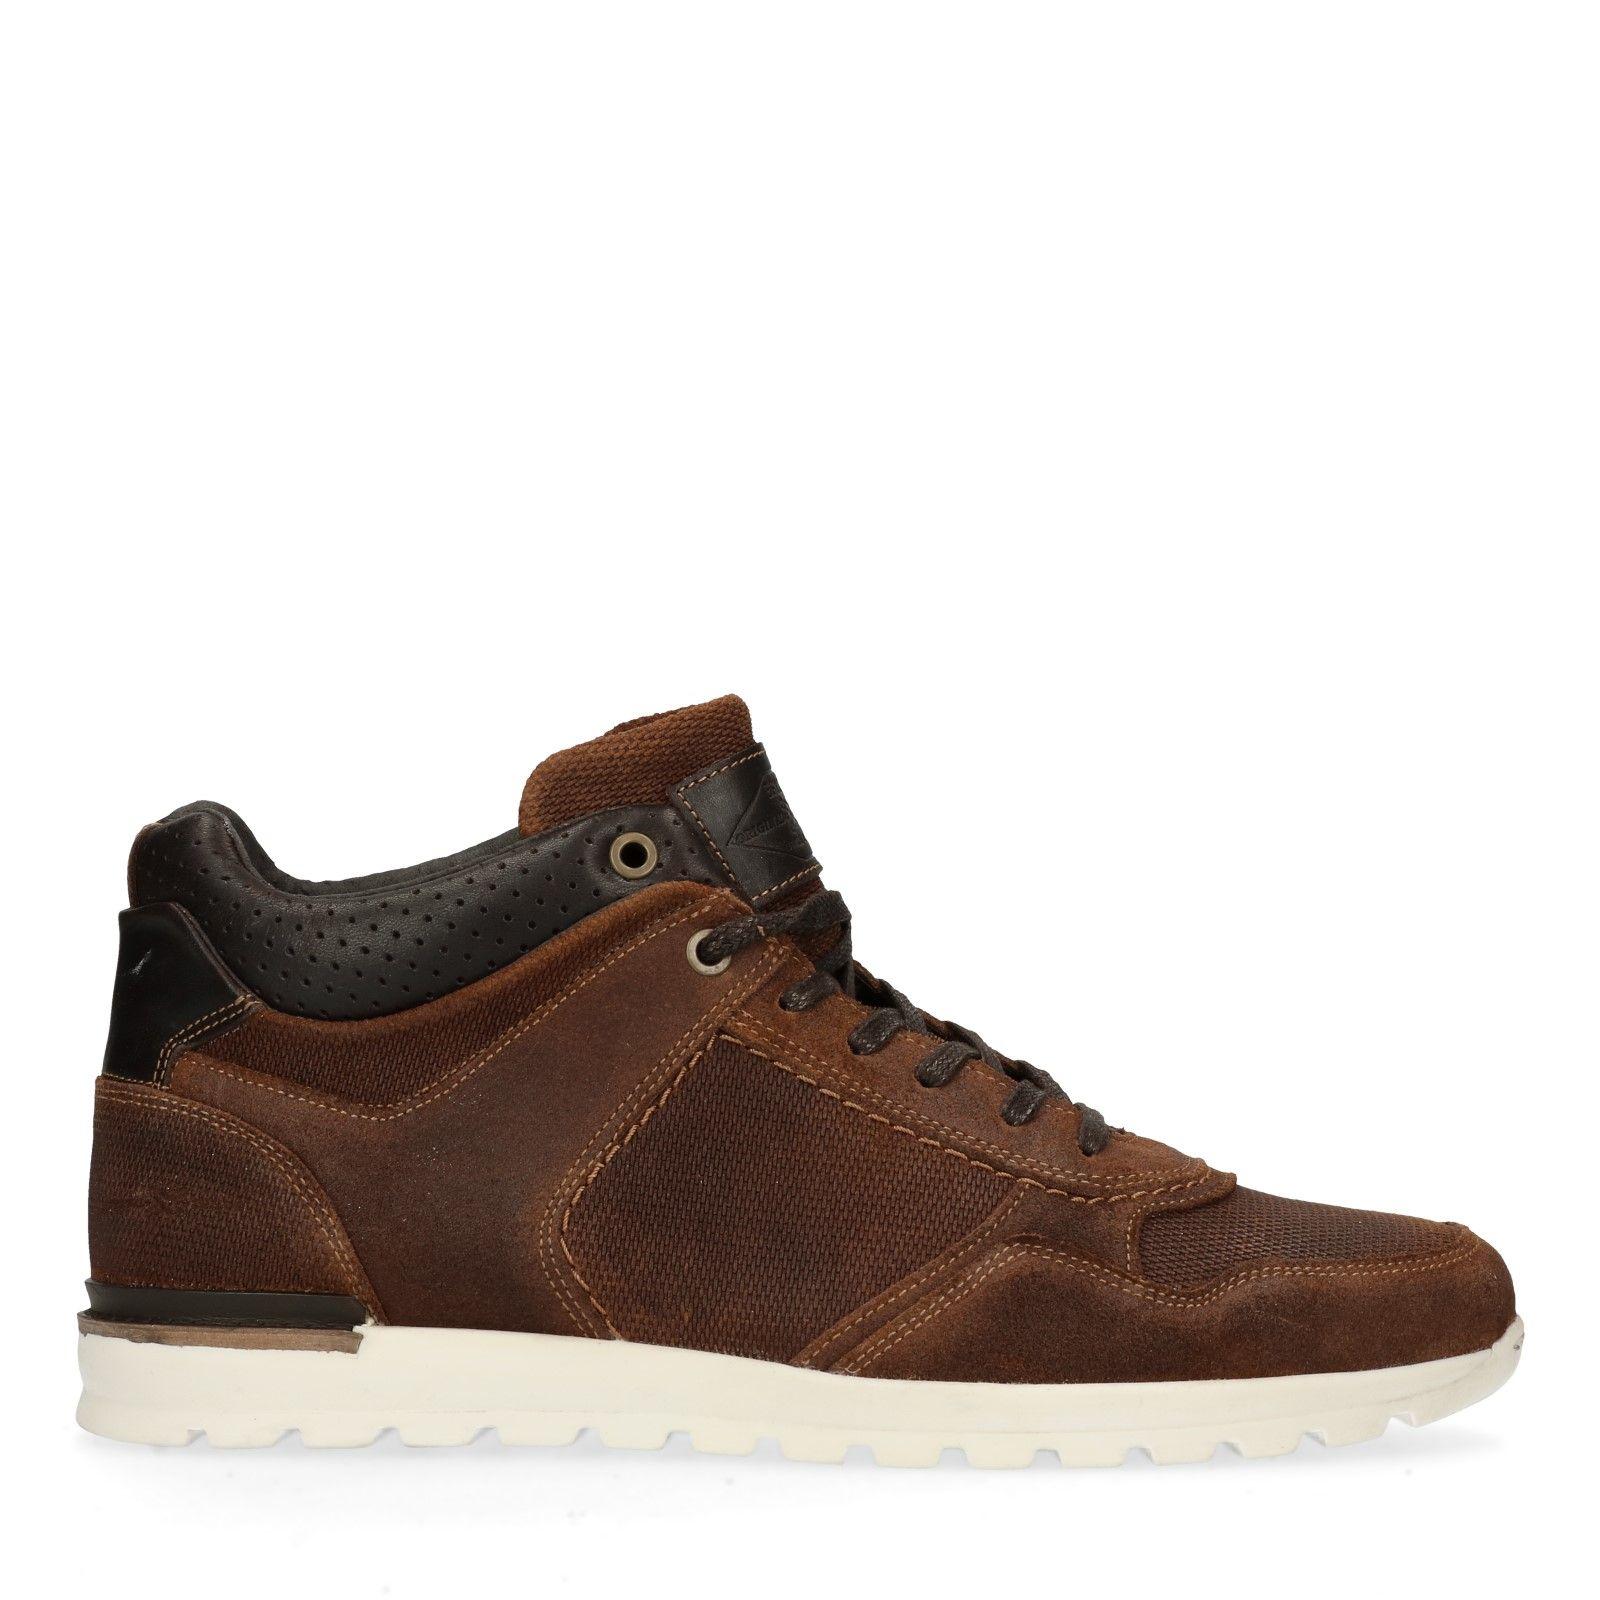 HerenManfield Voor Hoge Voor Hoge Sneakers Sneakers Sneakers HerenManfield Voor Voor Hoge Sneakers Hoge HerenManfield hrdCQtsx